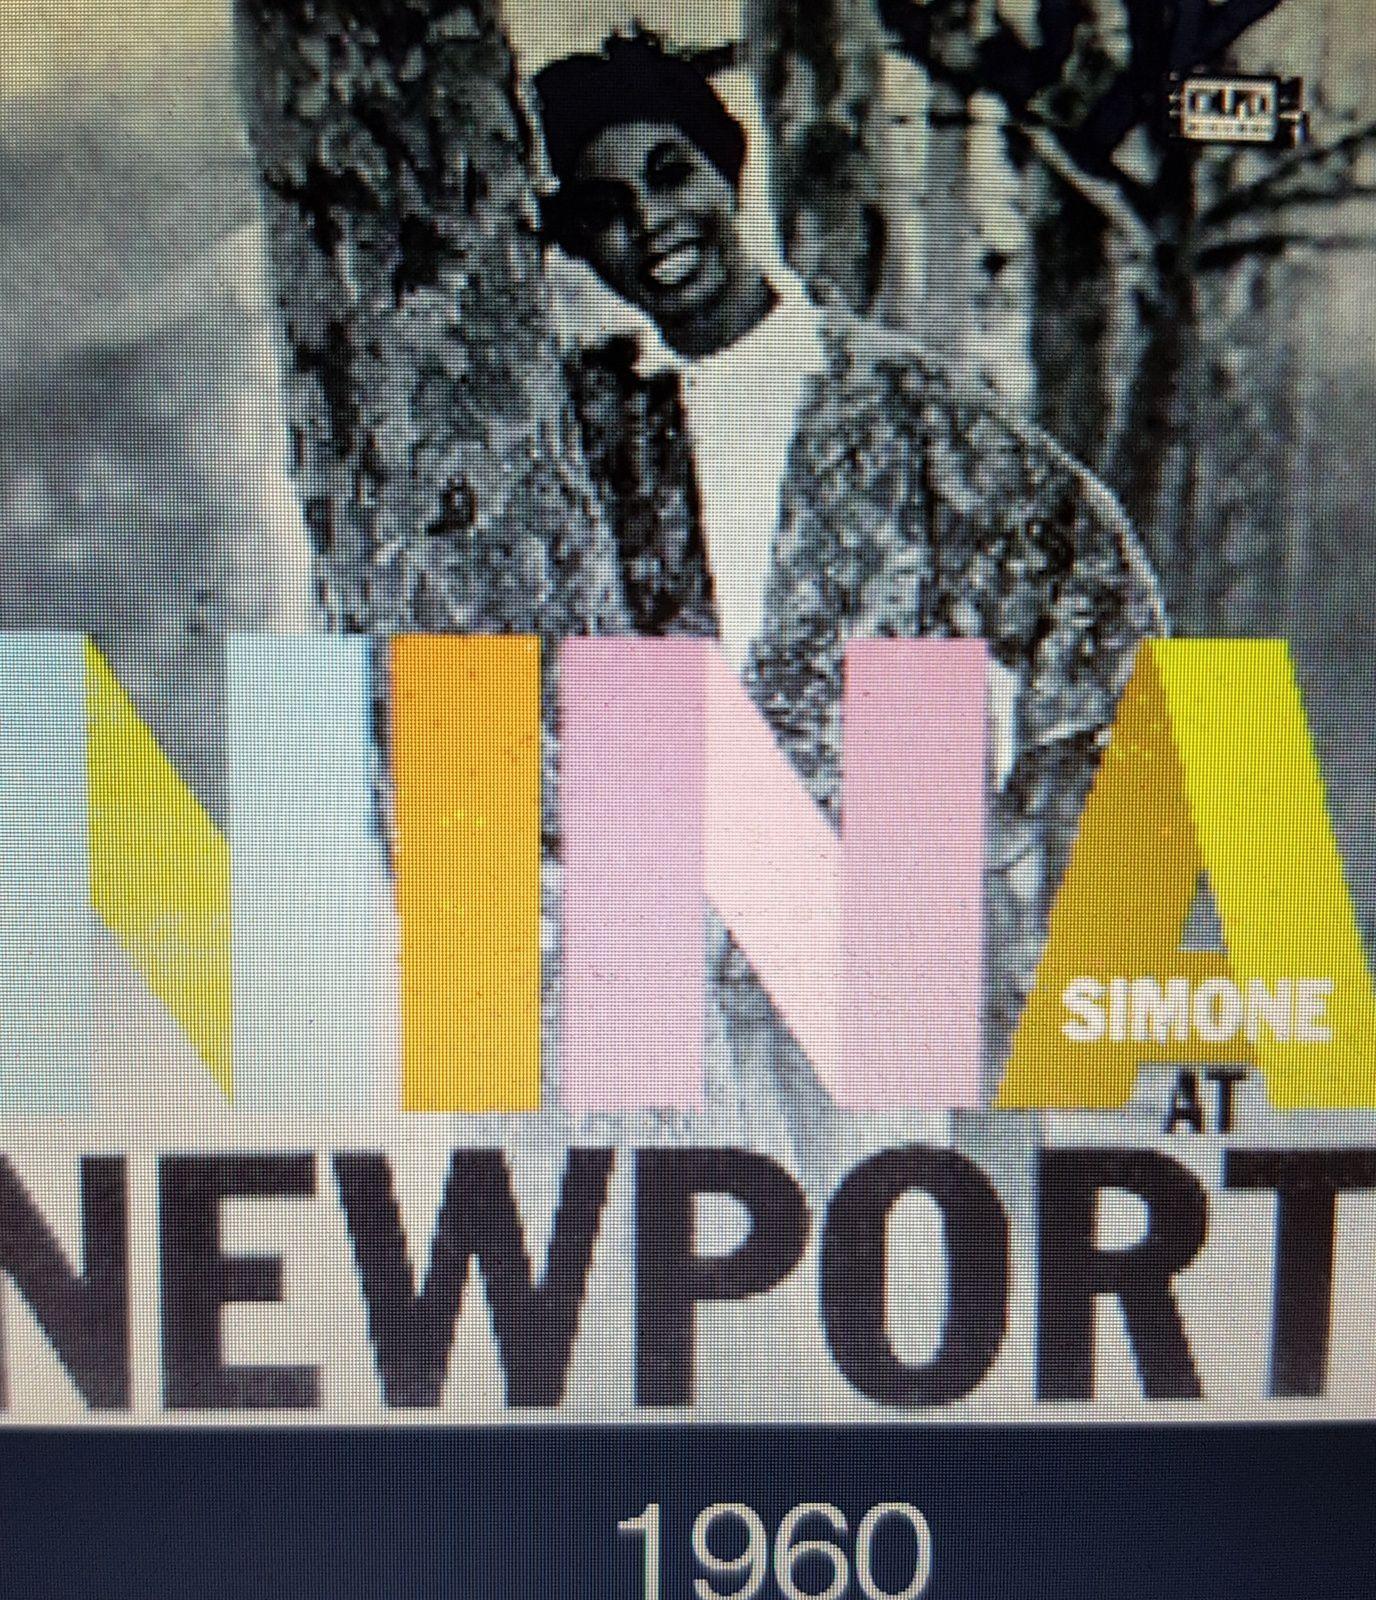 «Nina SIMONE (1933-2003), une divine chanteuse de Jazz engagée» par M. Amadou Bal BA - http://baamadou.over-blog.fr/